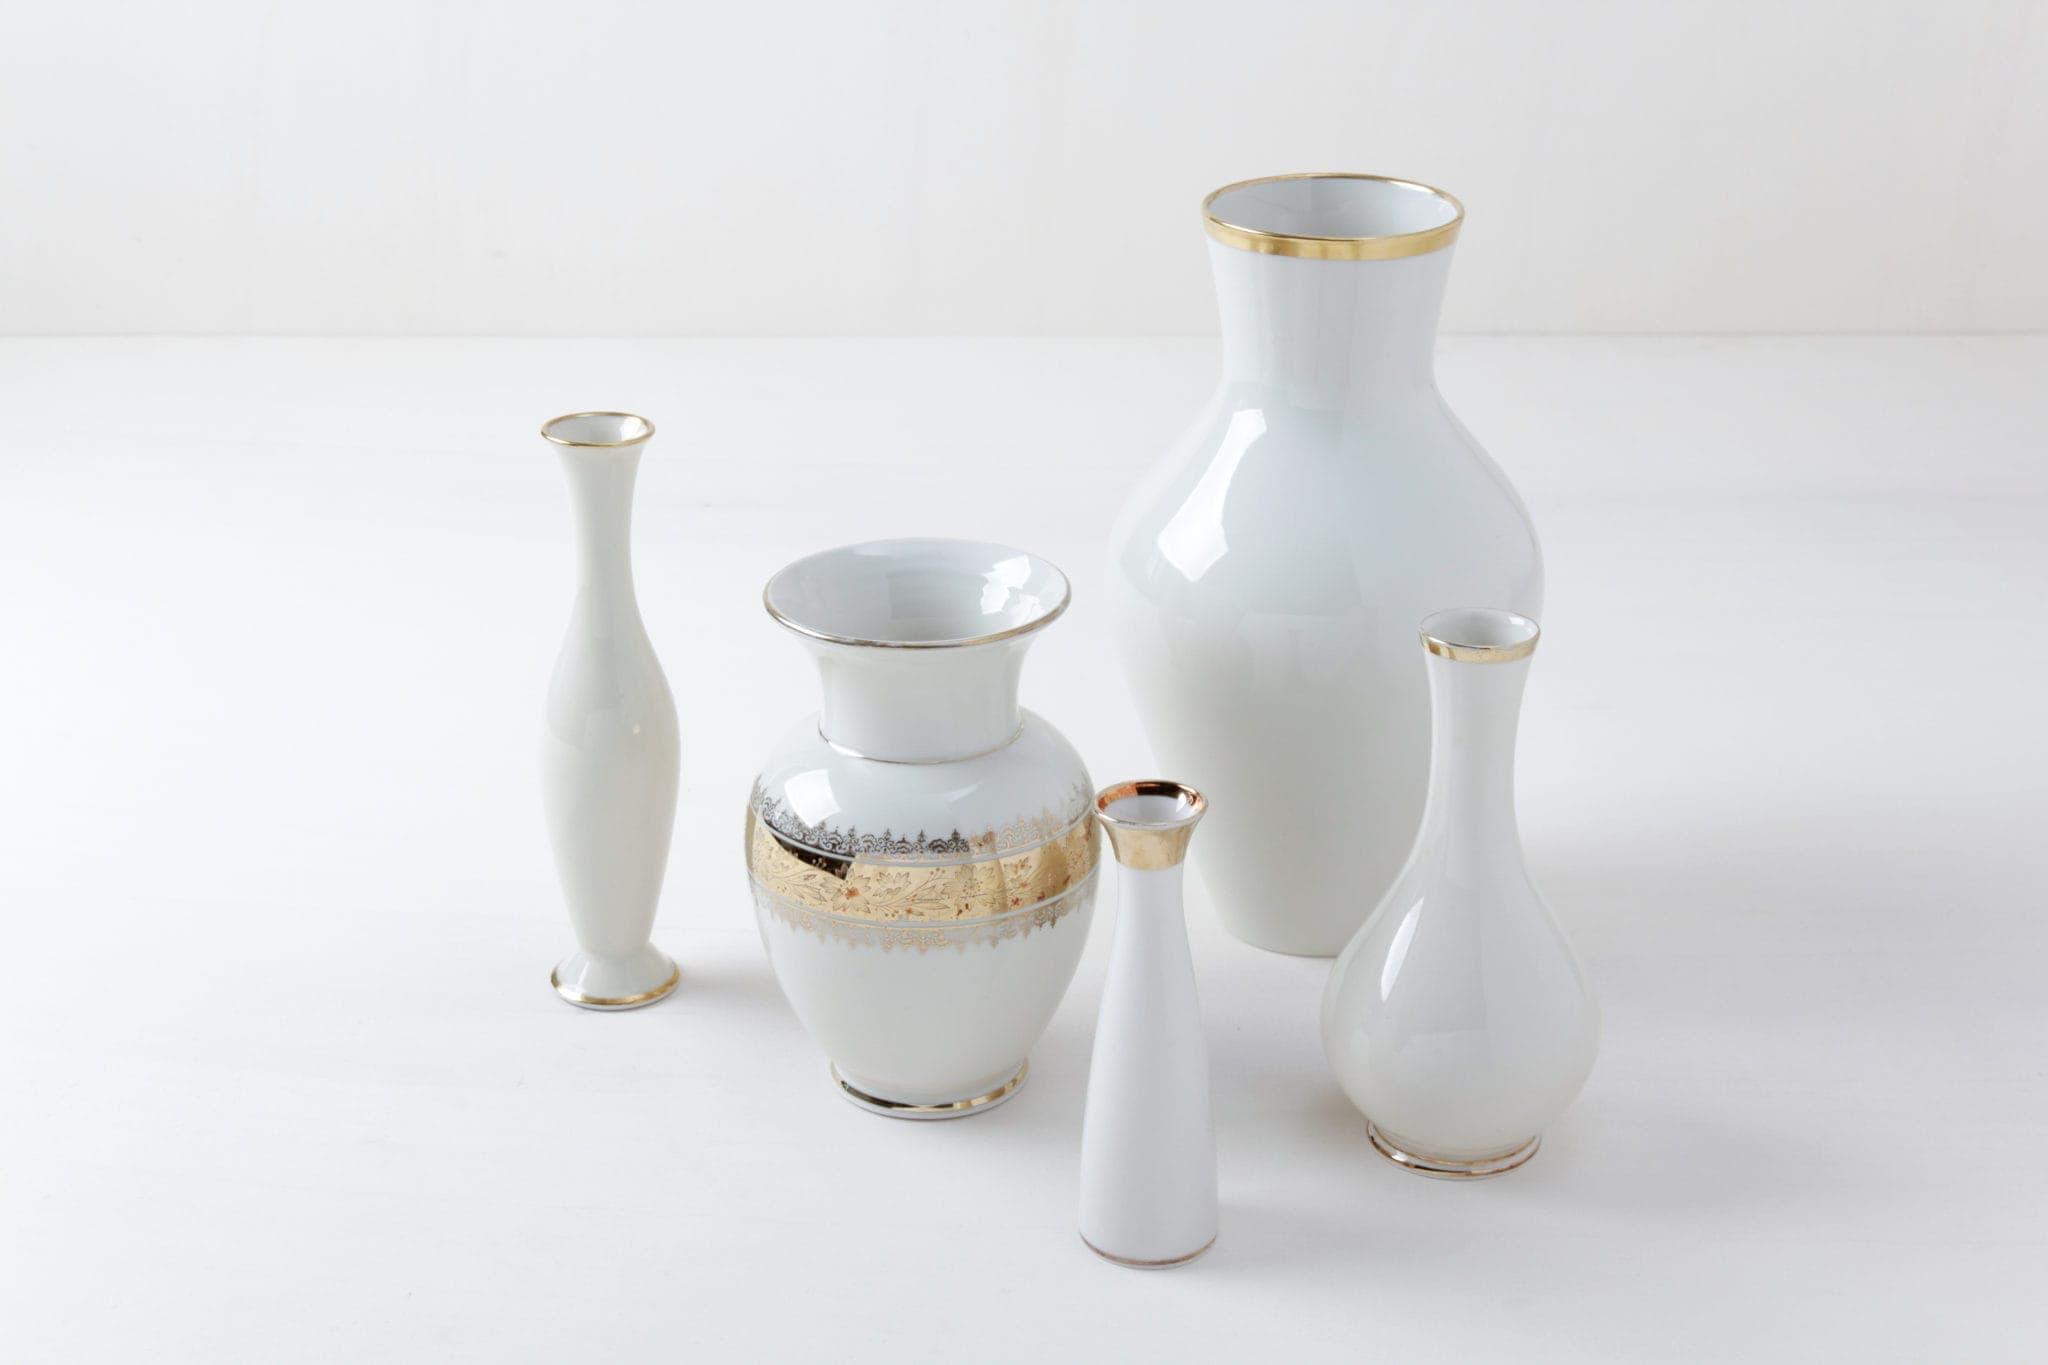 Vintage Vasen, Hochzeitsdeko, Mietdekoration